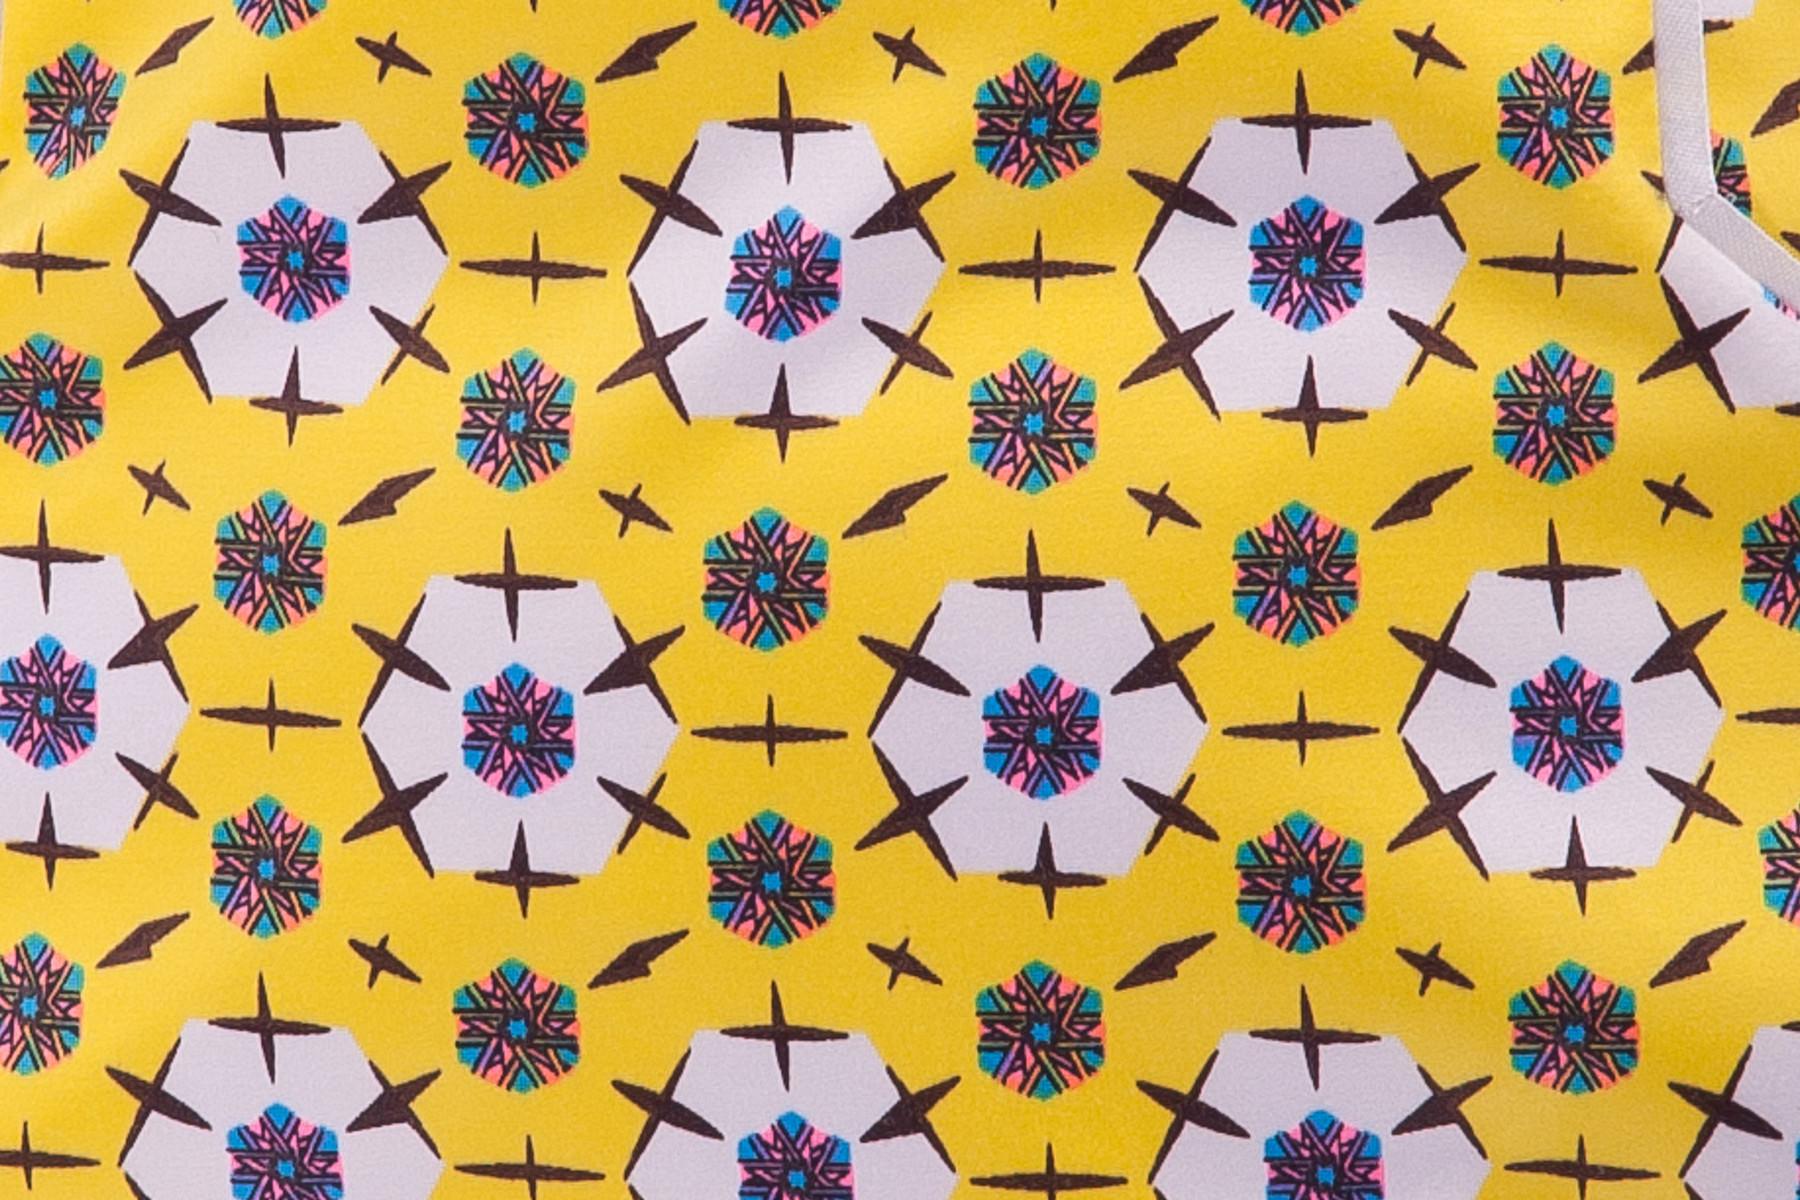 Платье Шик атлас коттон Цвет: Желтый молоко соты